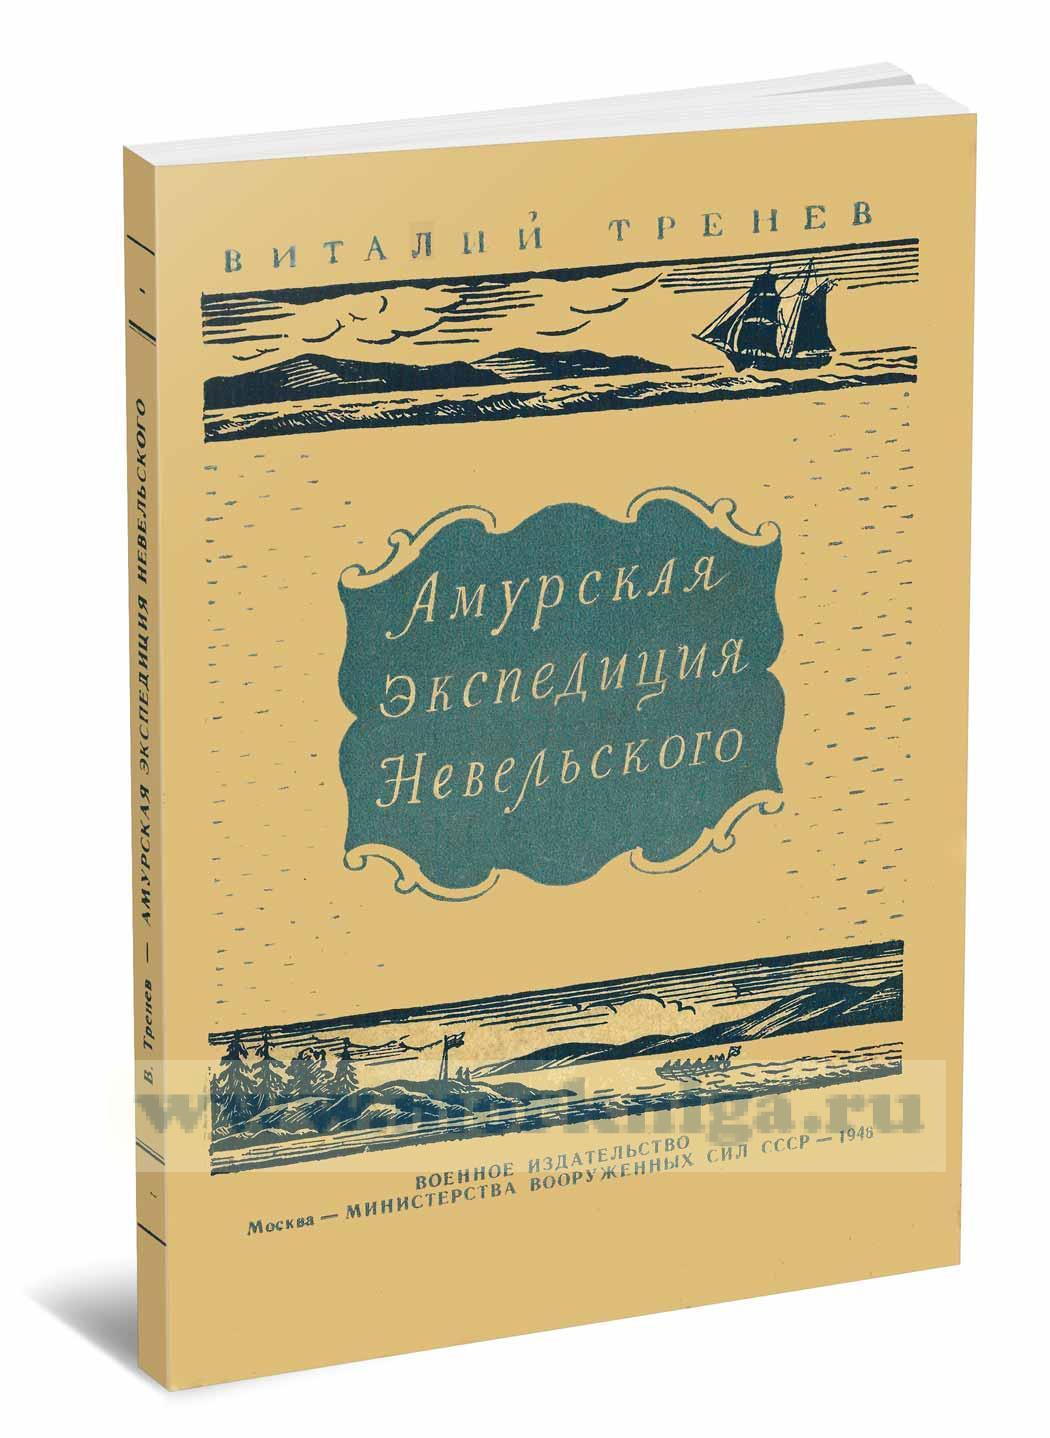 Амурская экспедиция Невельского